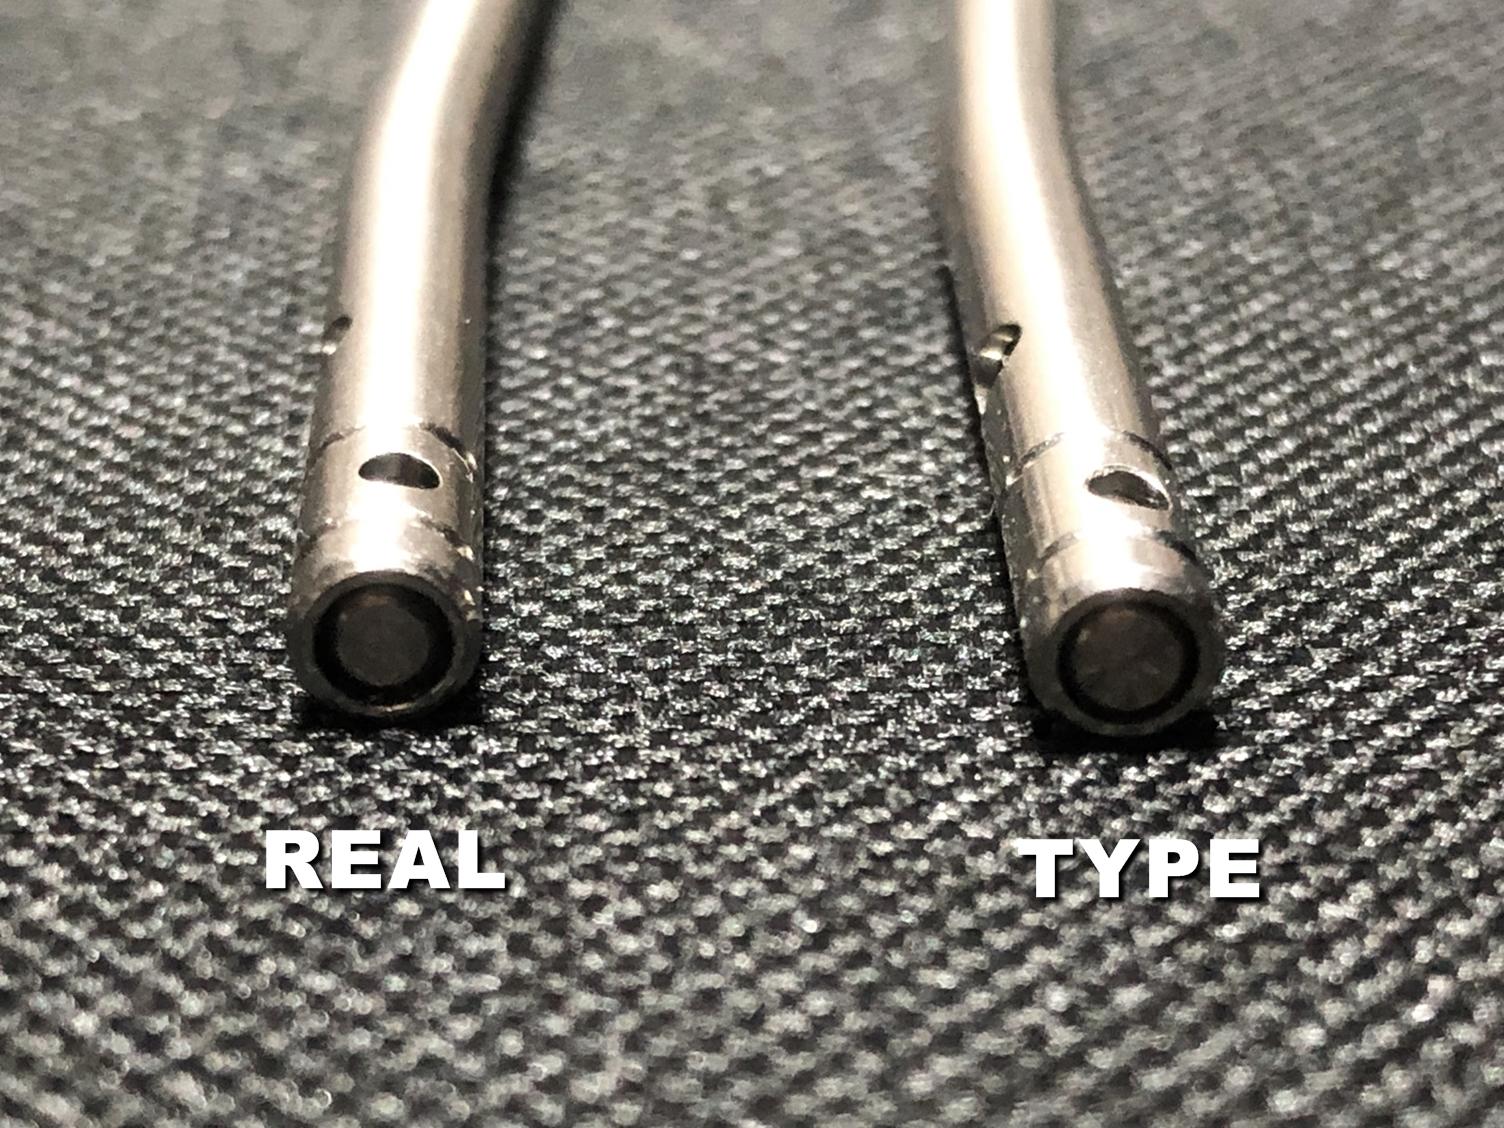 8 実物 & リアルレプリカ AR15 ガスチューブの違いを検証!! AR15 DPMS Real vs SP Type Gas Tube Verify Validate!! M4 N4 トレポン MWS 次世代 電動ガン 比較 レビュー!!